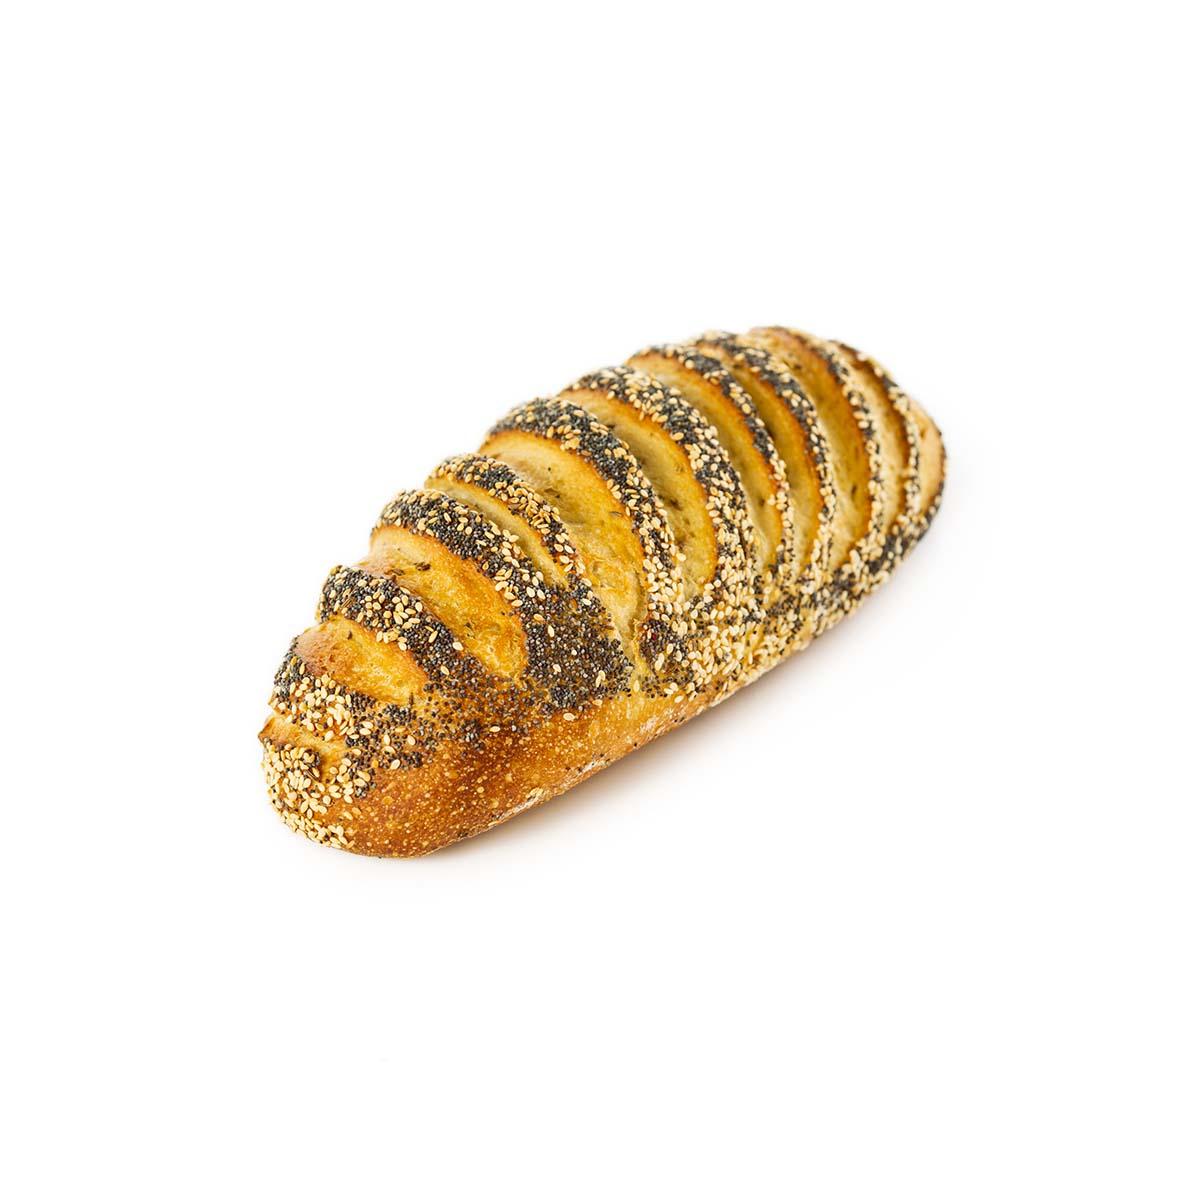 Fennel & Caraway Seed Sourdough